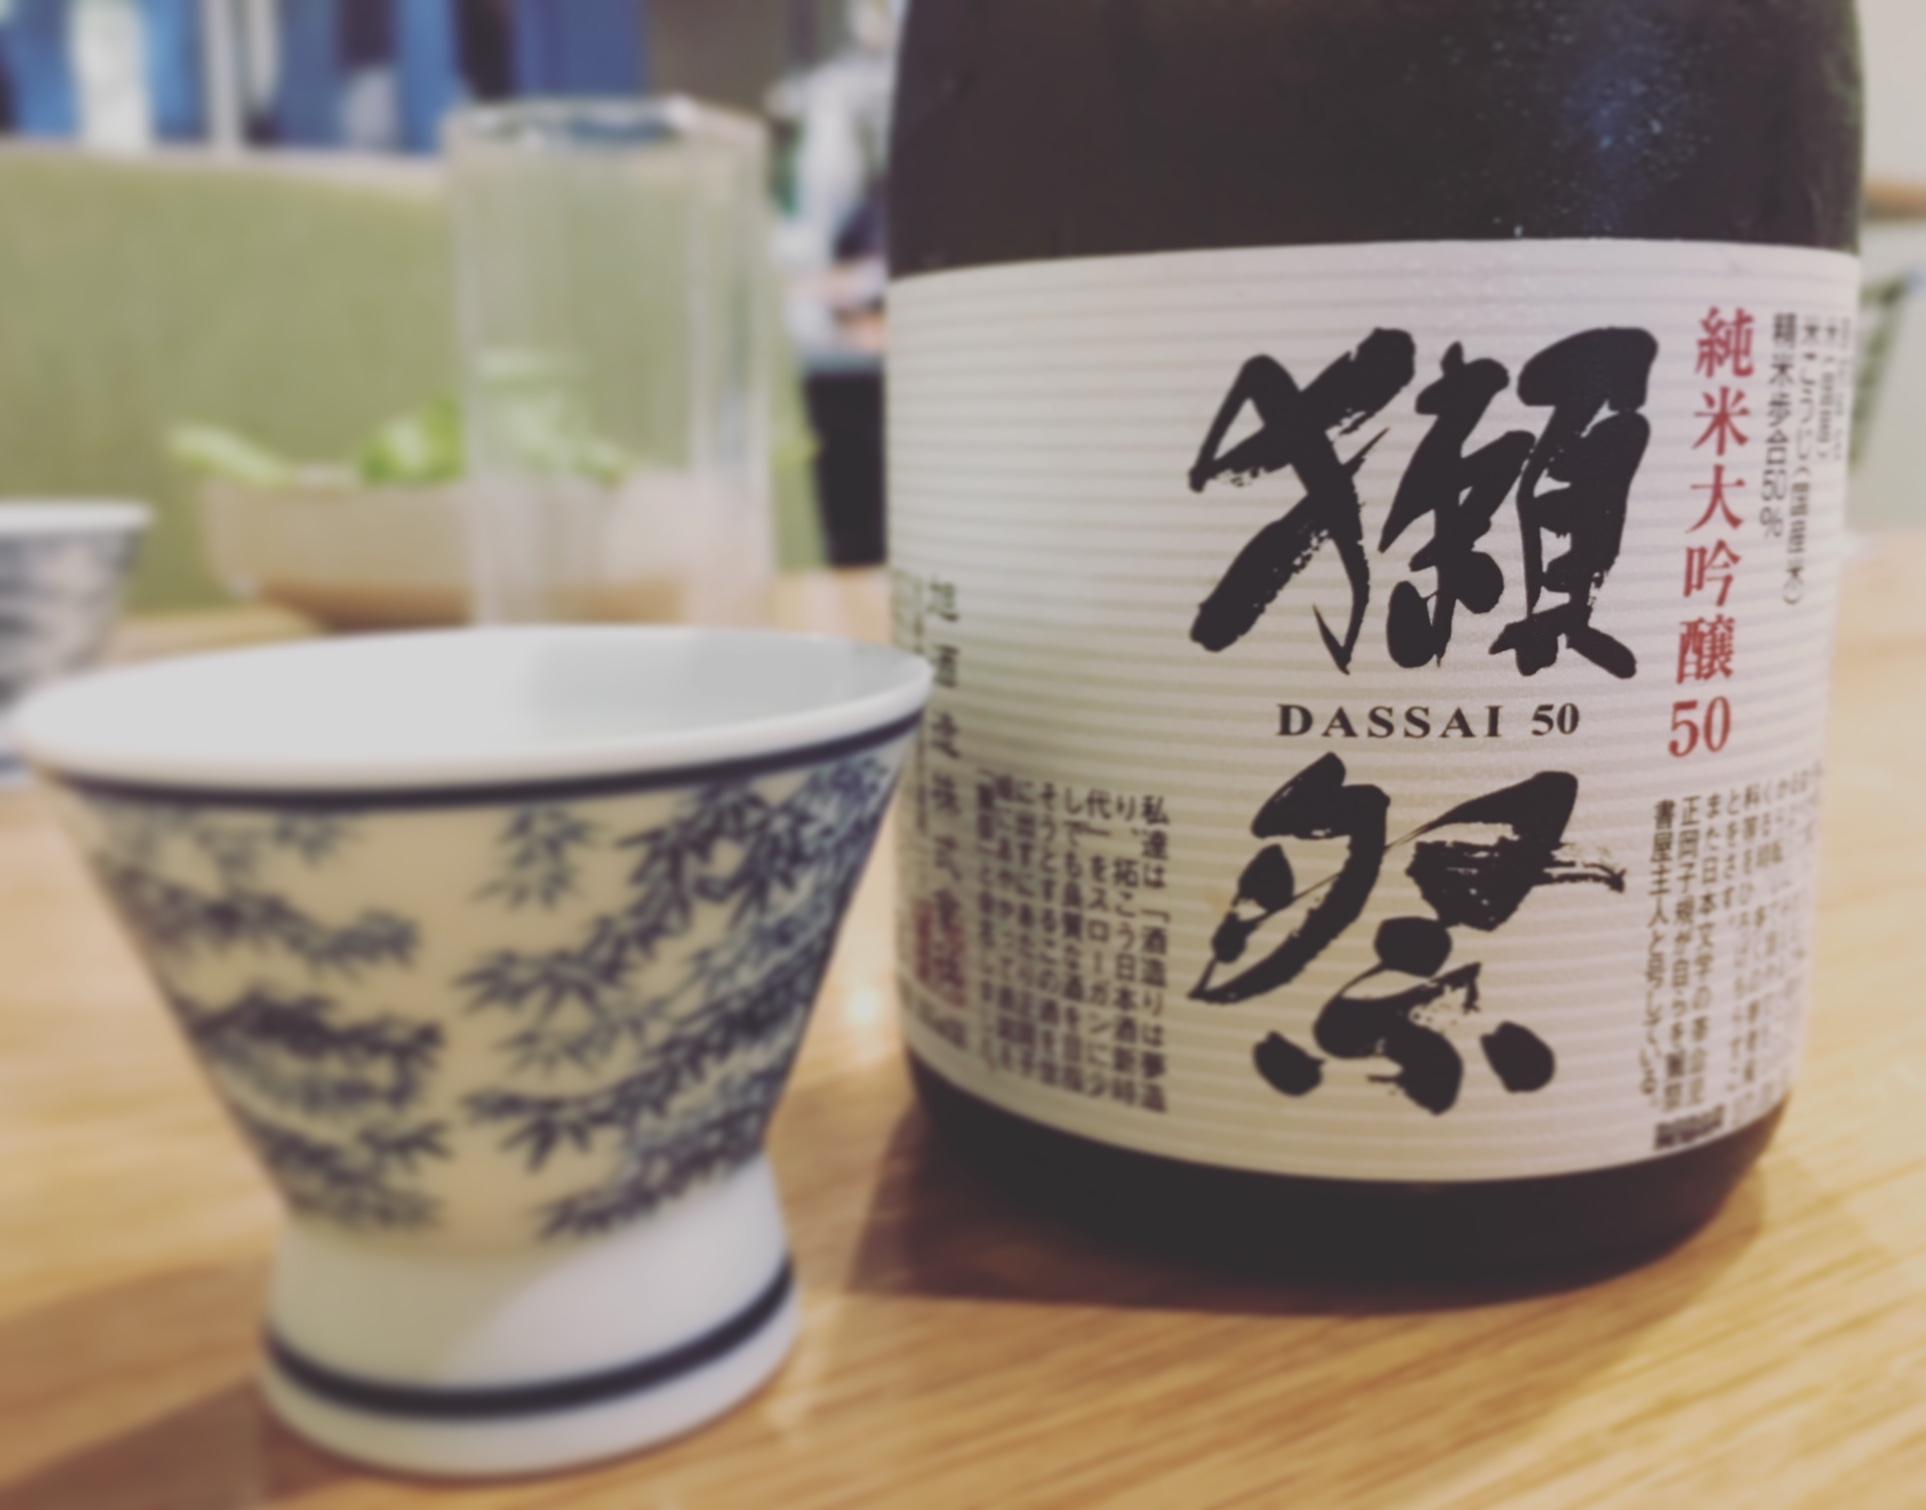 Sake - Dassai 50 at Nishiki Cafe & Izakaya Sturt Street